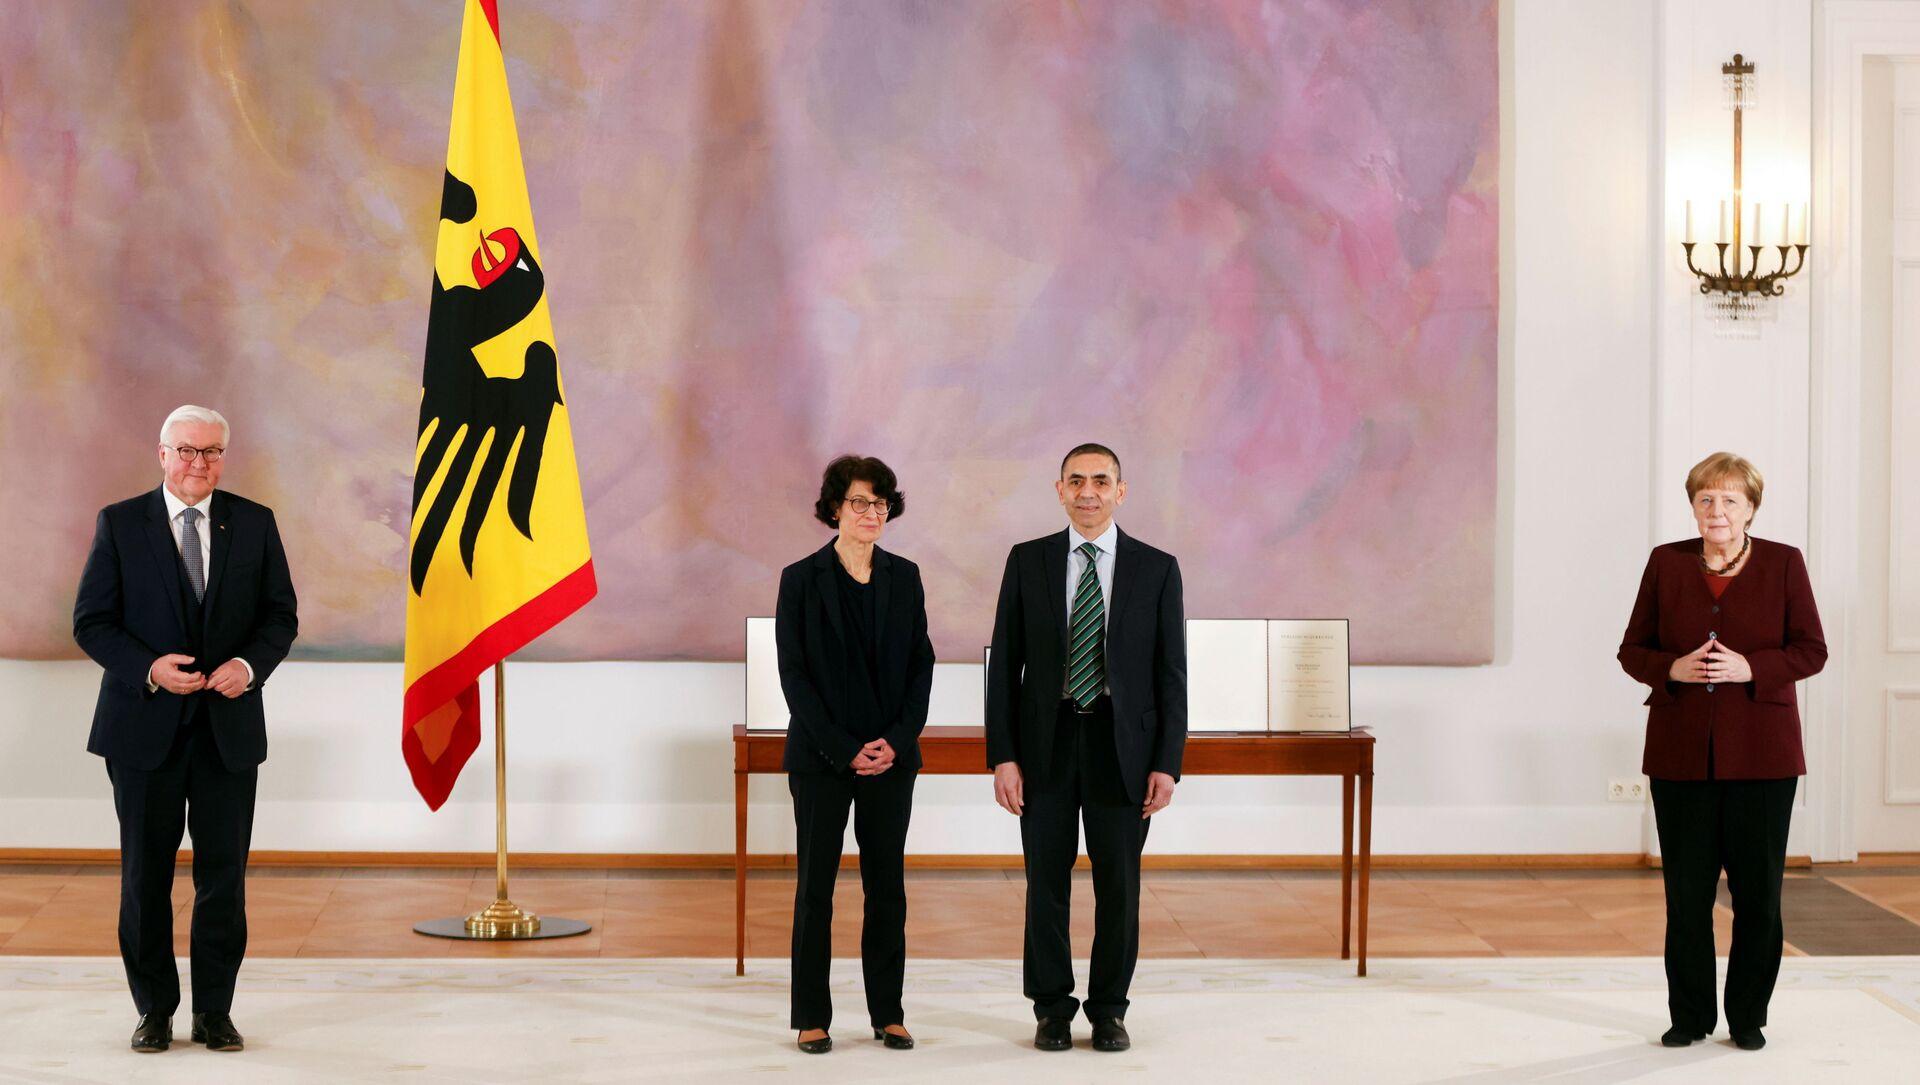 CumhurbaşkanıFrank-Walter Steinmeier'in Bellevue Sarayı'nda düzenlediği veBaşbakan Angela Merkel'in de katıldığıtörende,BioNTech'i kurup yönetenTürkiye kökenli Özlem Türeci-Uğur Şahin çiftine,Almanya'nın en üst düzey devlet madalyası olan Liyakat Nişanı takdim edildi. - Sputnik Türkiye, 1920, 19.03.2021